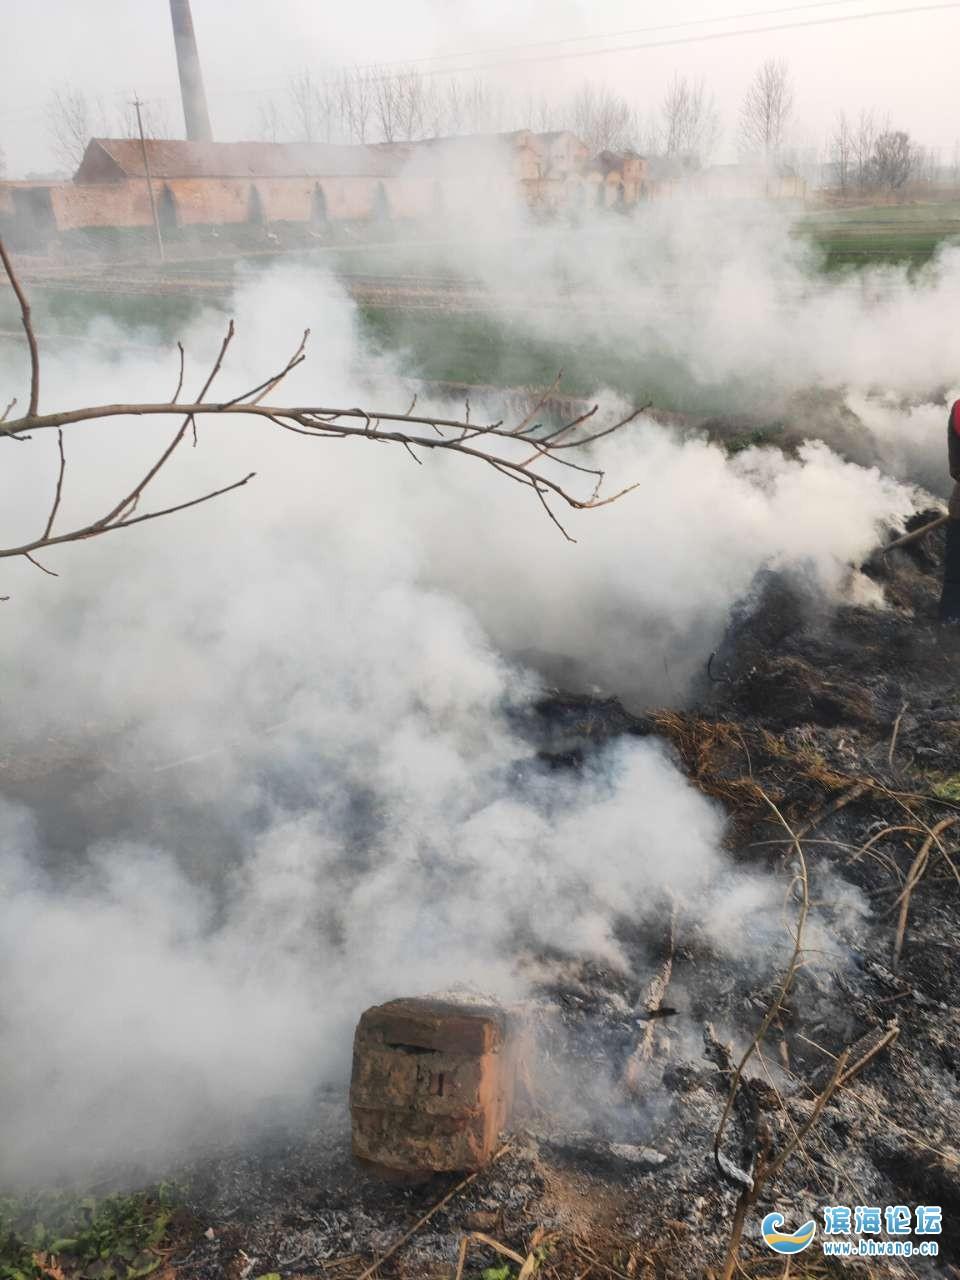 近来肖港村天天有人焚烧沟边的枯草,火势顺着风一直烧到我们门前